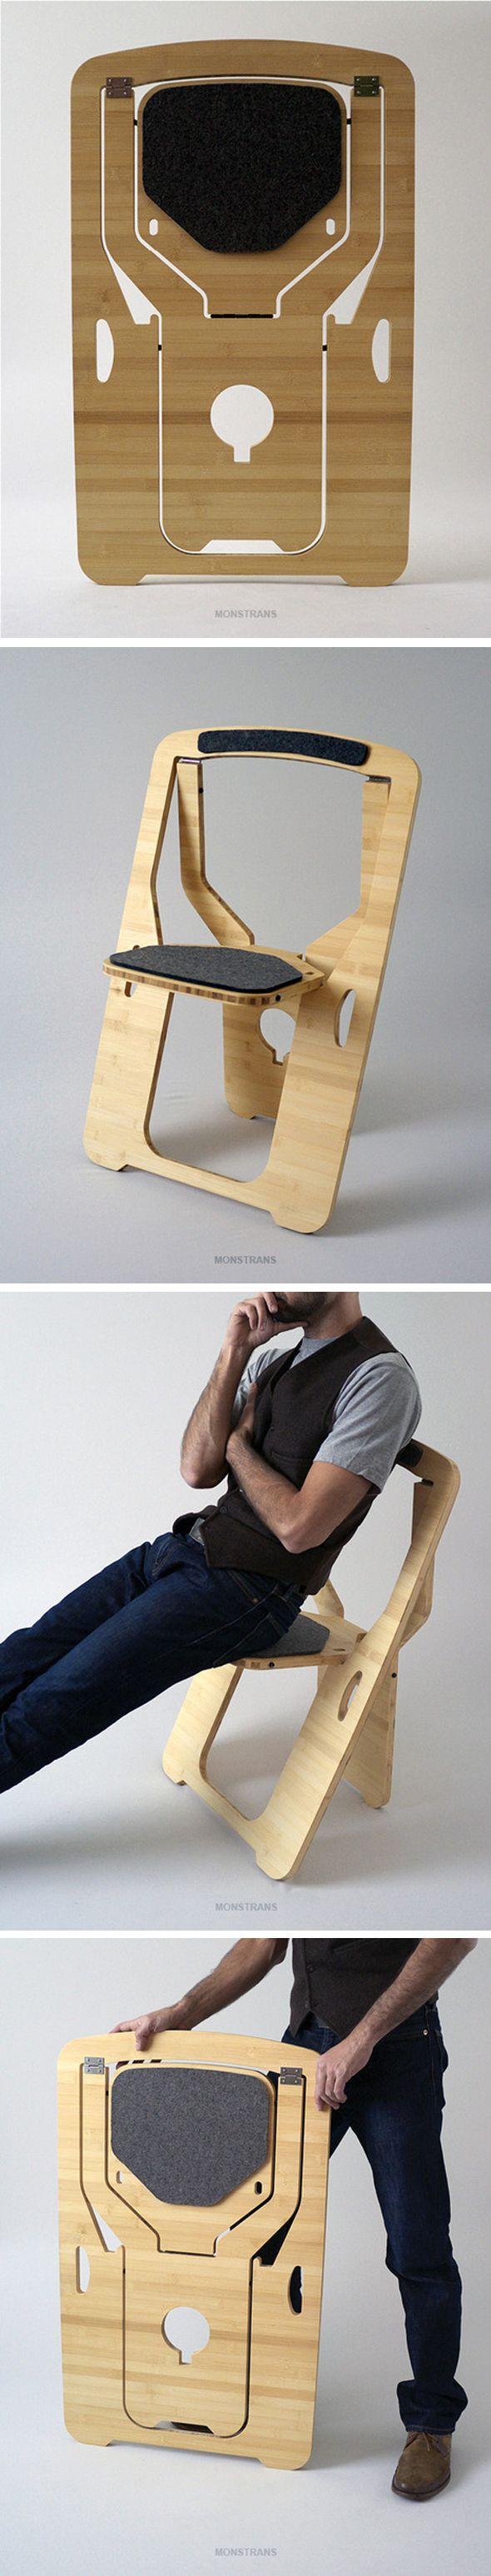 Folding Chair par Leo Salom Chaise pliante entièrement plate